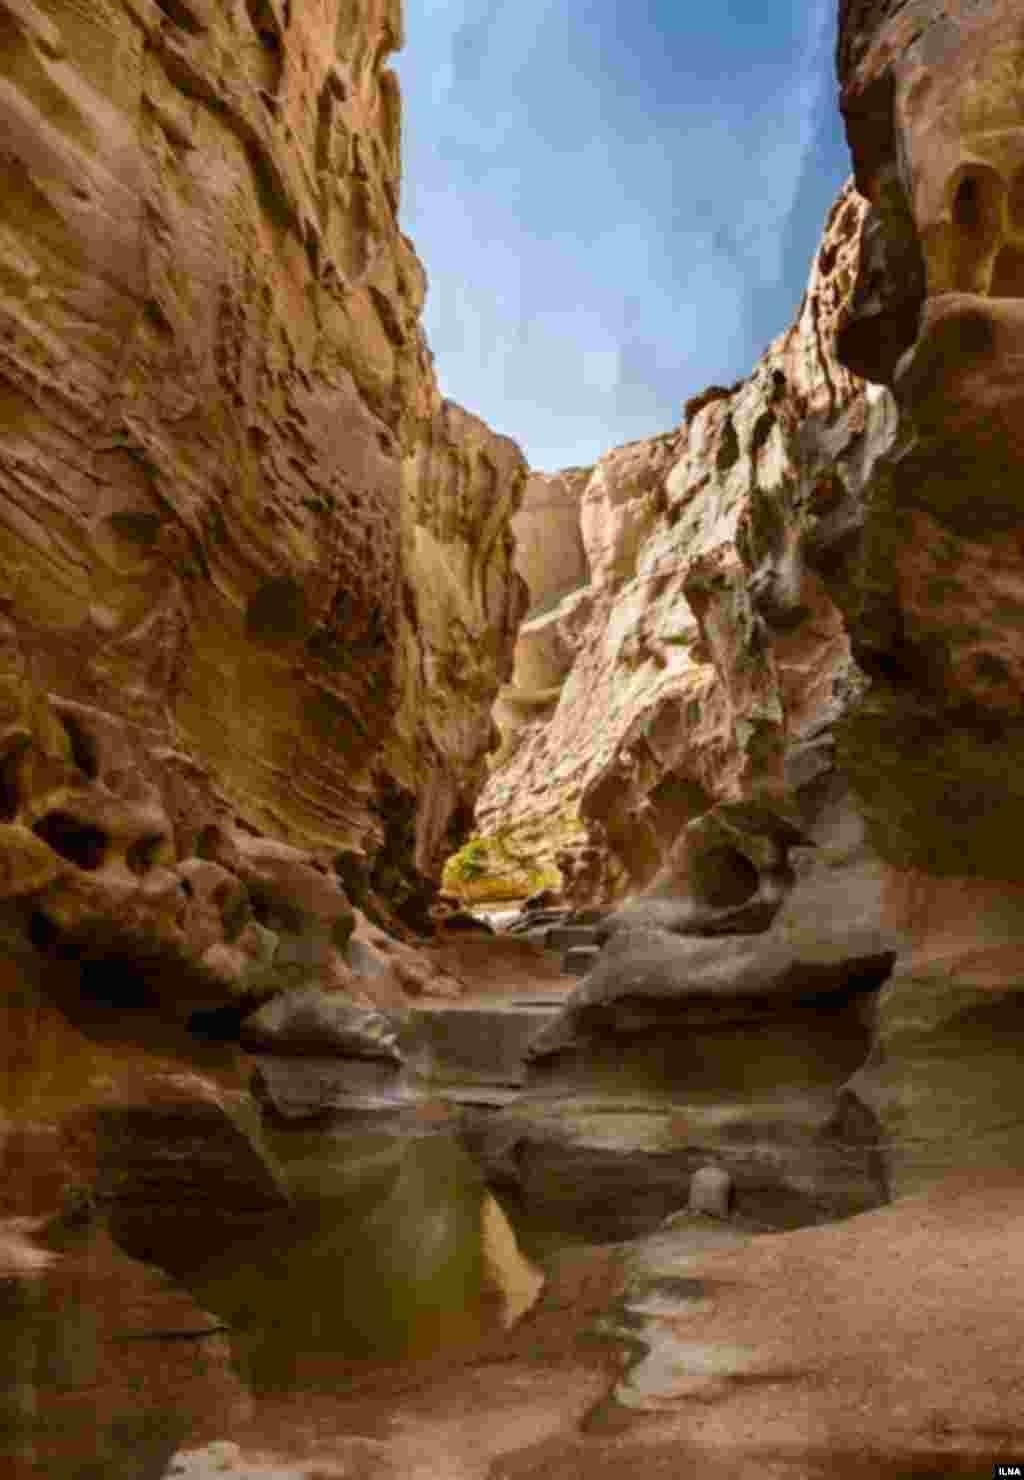 این دره مرموز، در قشم است. عکاس : هادی نوید، ایلنا